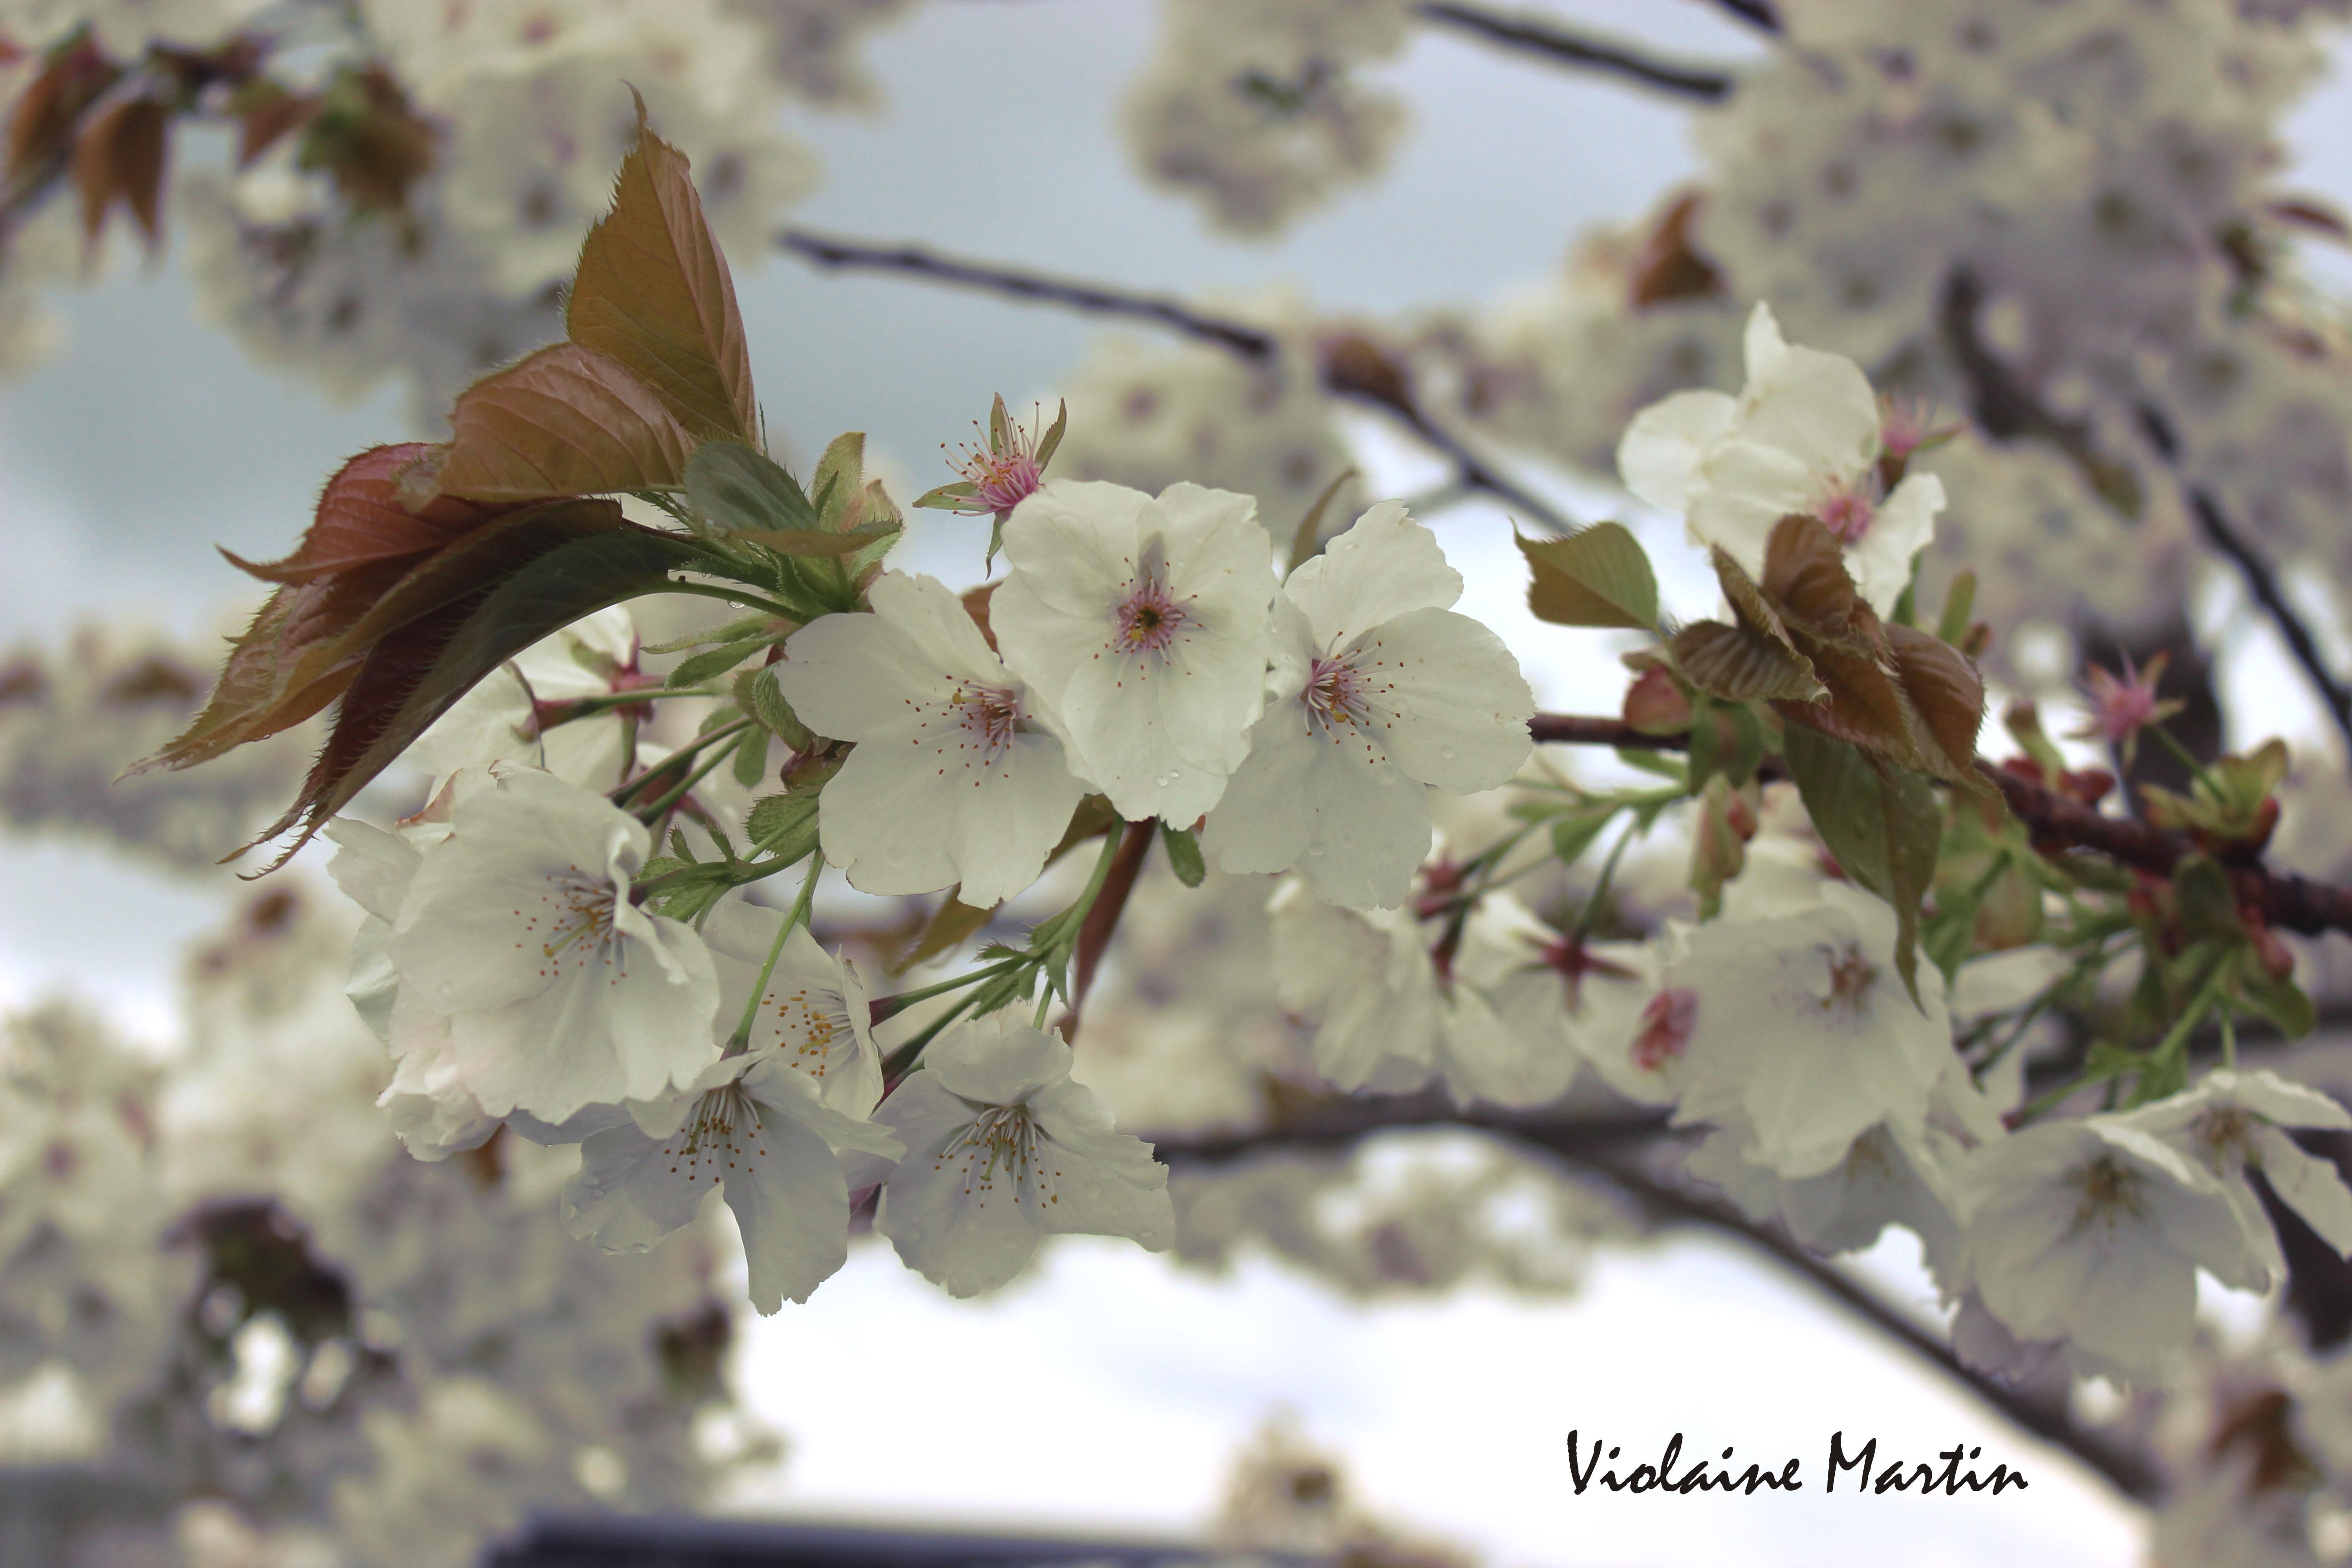 Photographie - fleurs de pommier - Violaine Martin Créations - Design textile - tissage jacquards, unis et velours - aquarelles botaniques - Hauts-de-France